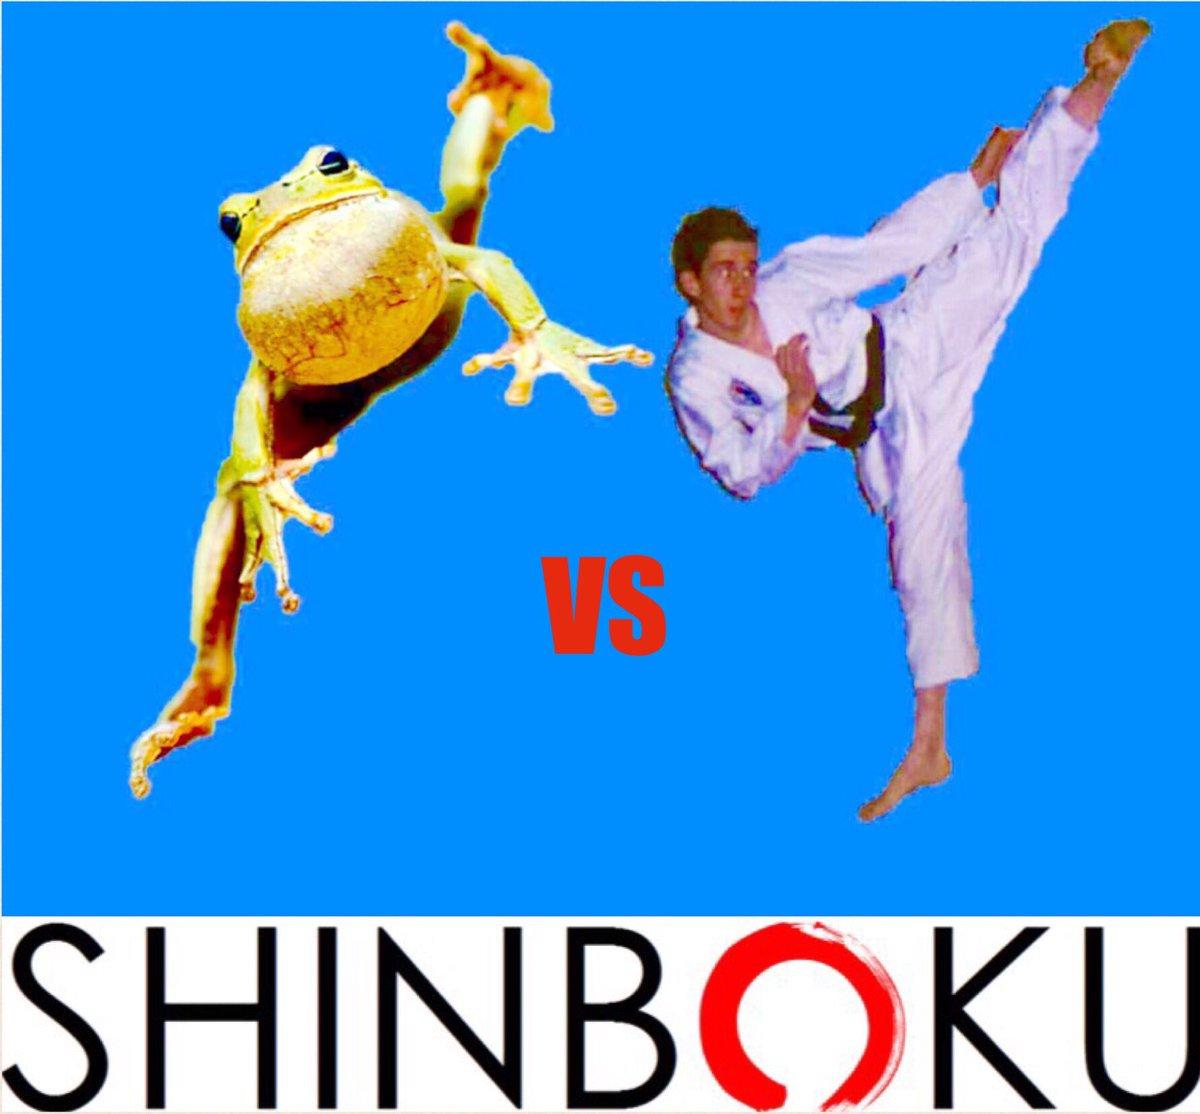 SHINBOKU on Twitter: